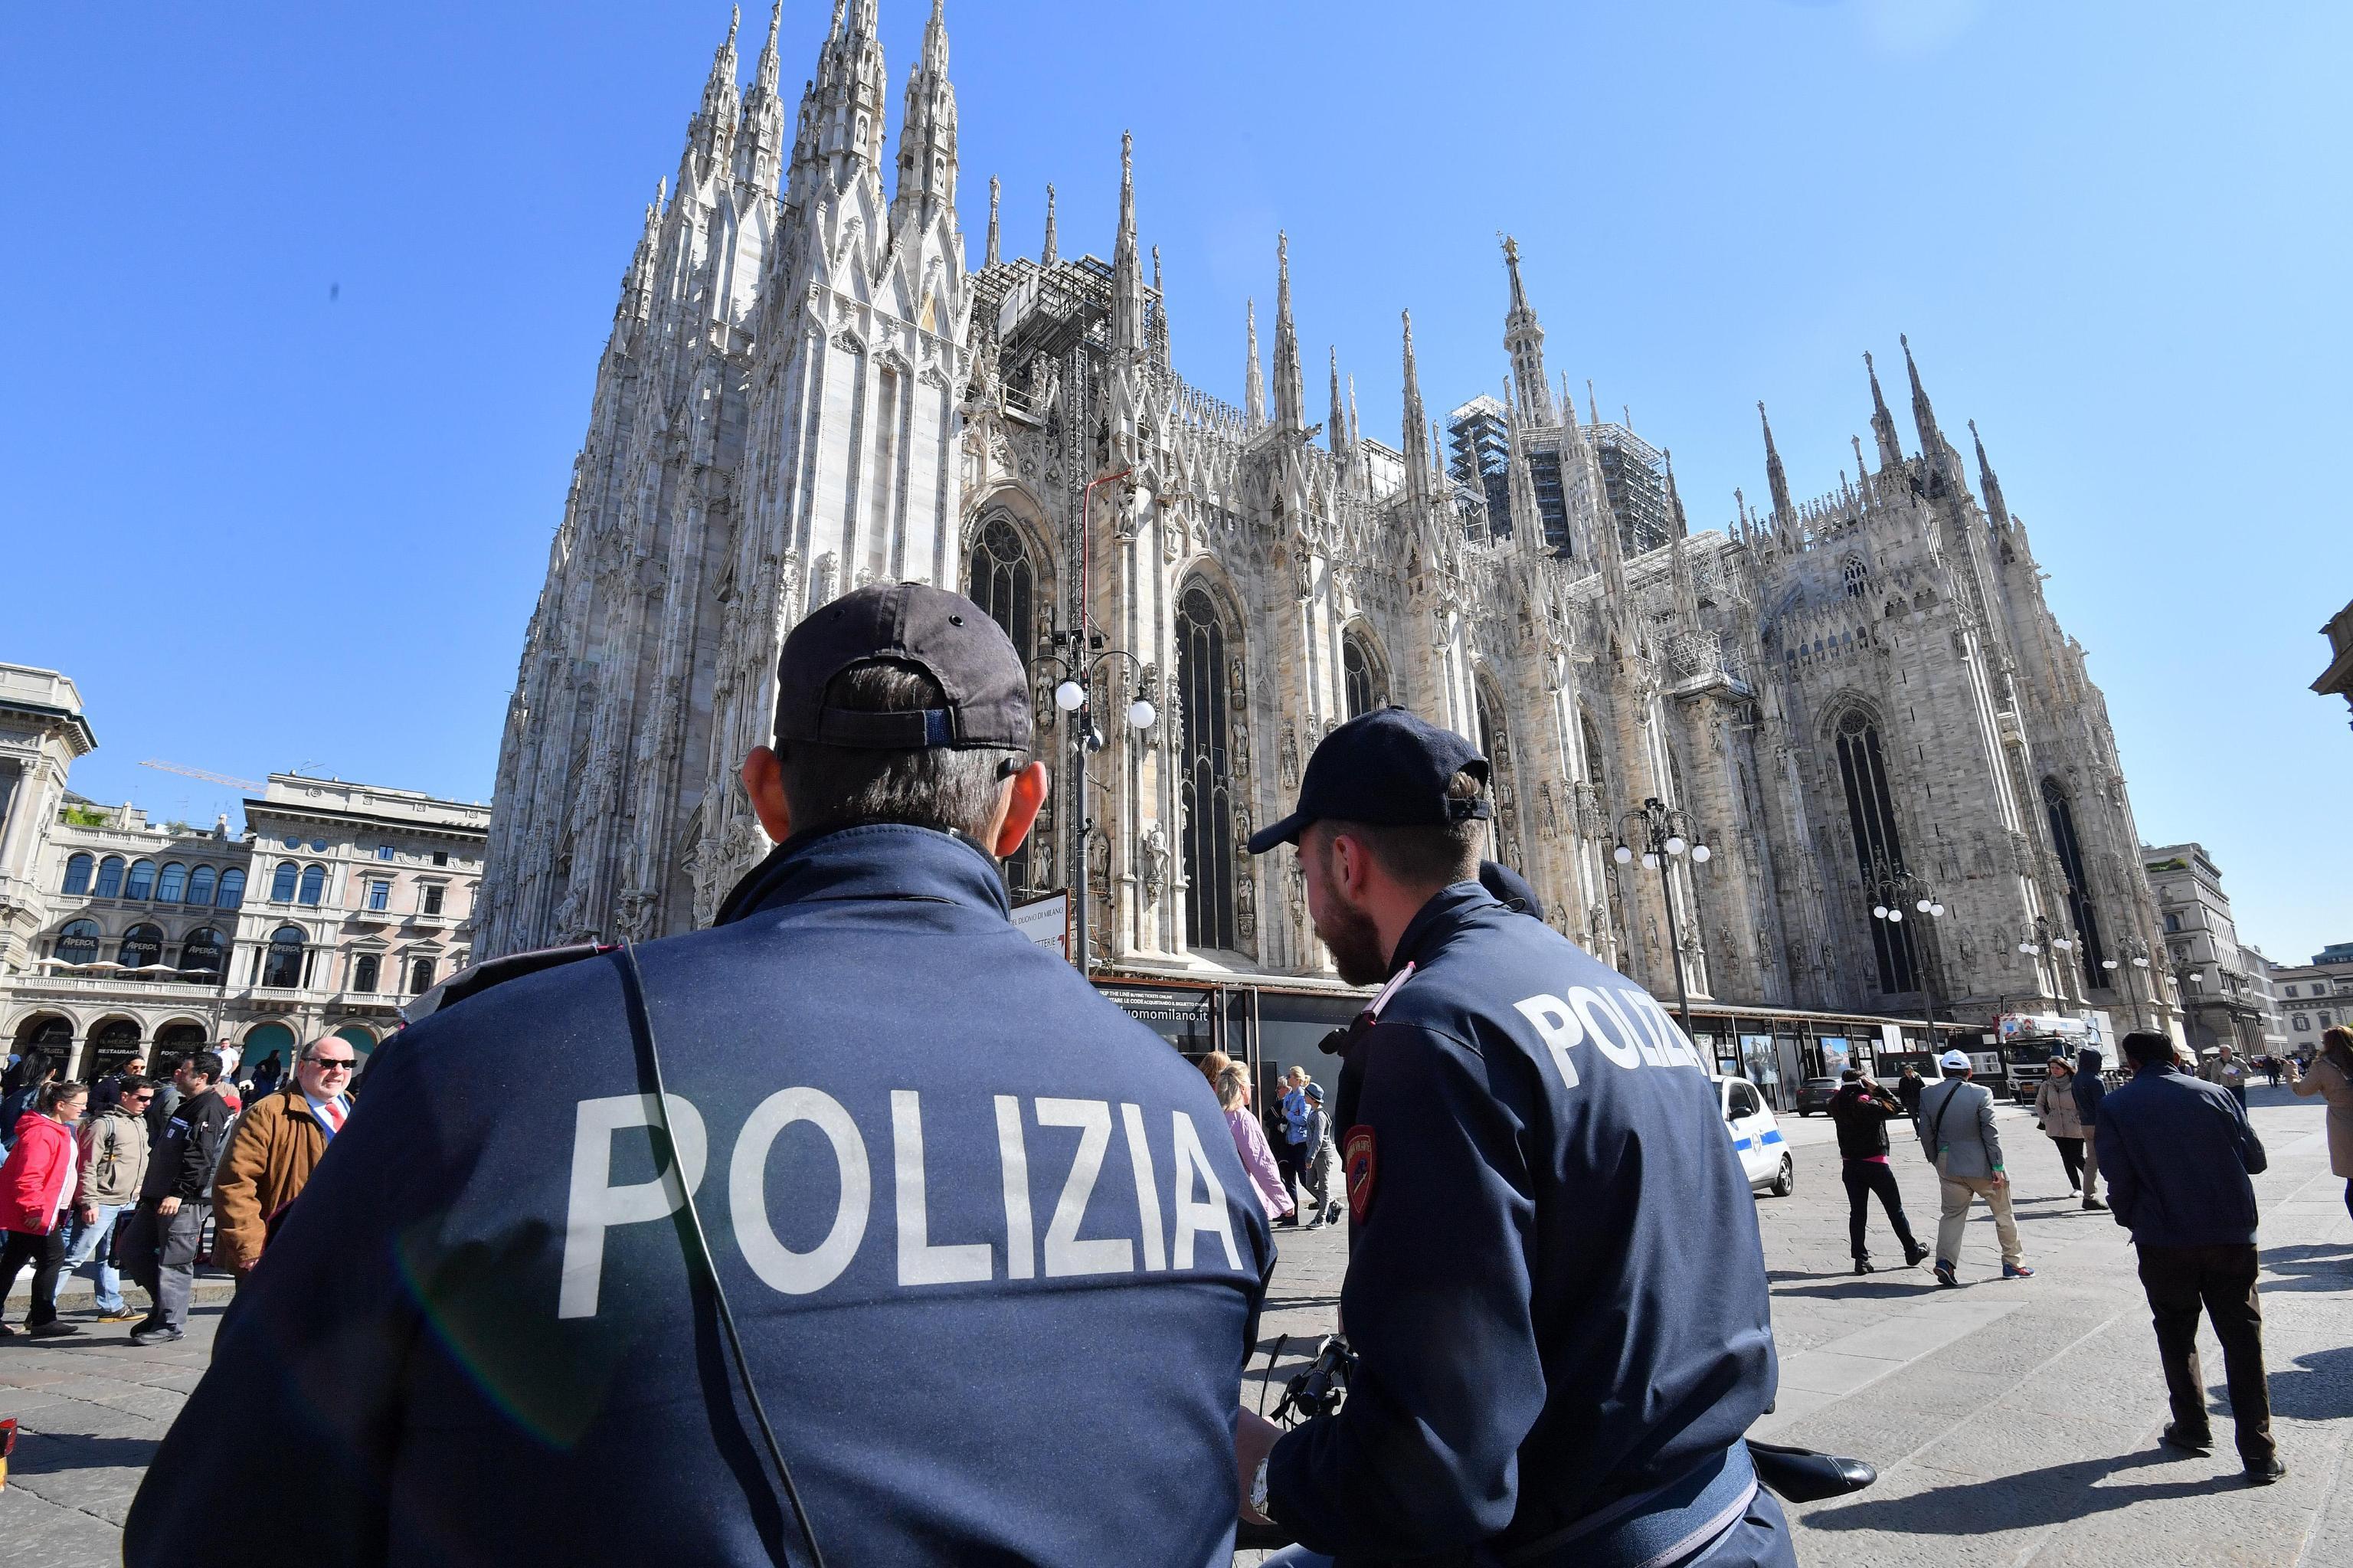 Si traveste da prete per visitare il Duomo di Milano gratis: denunciato 19enne